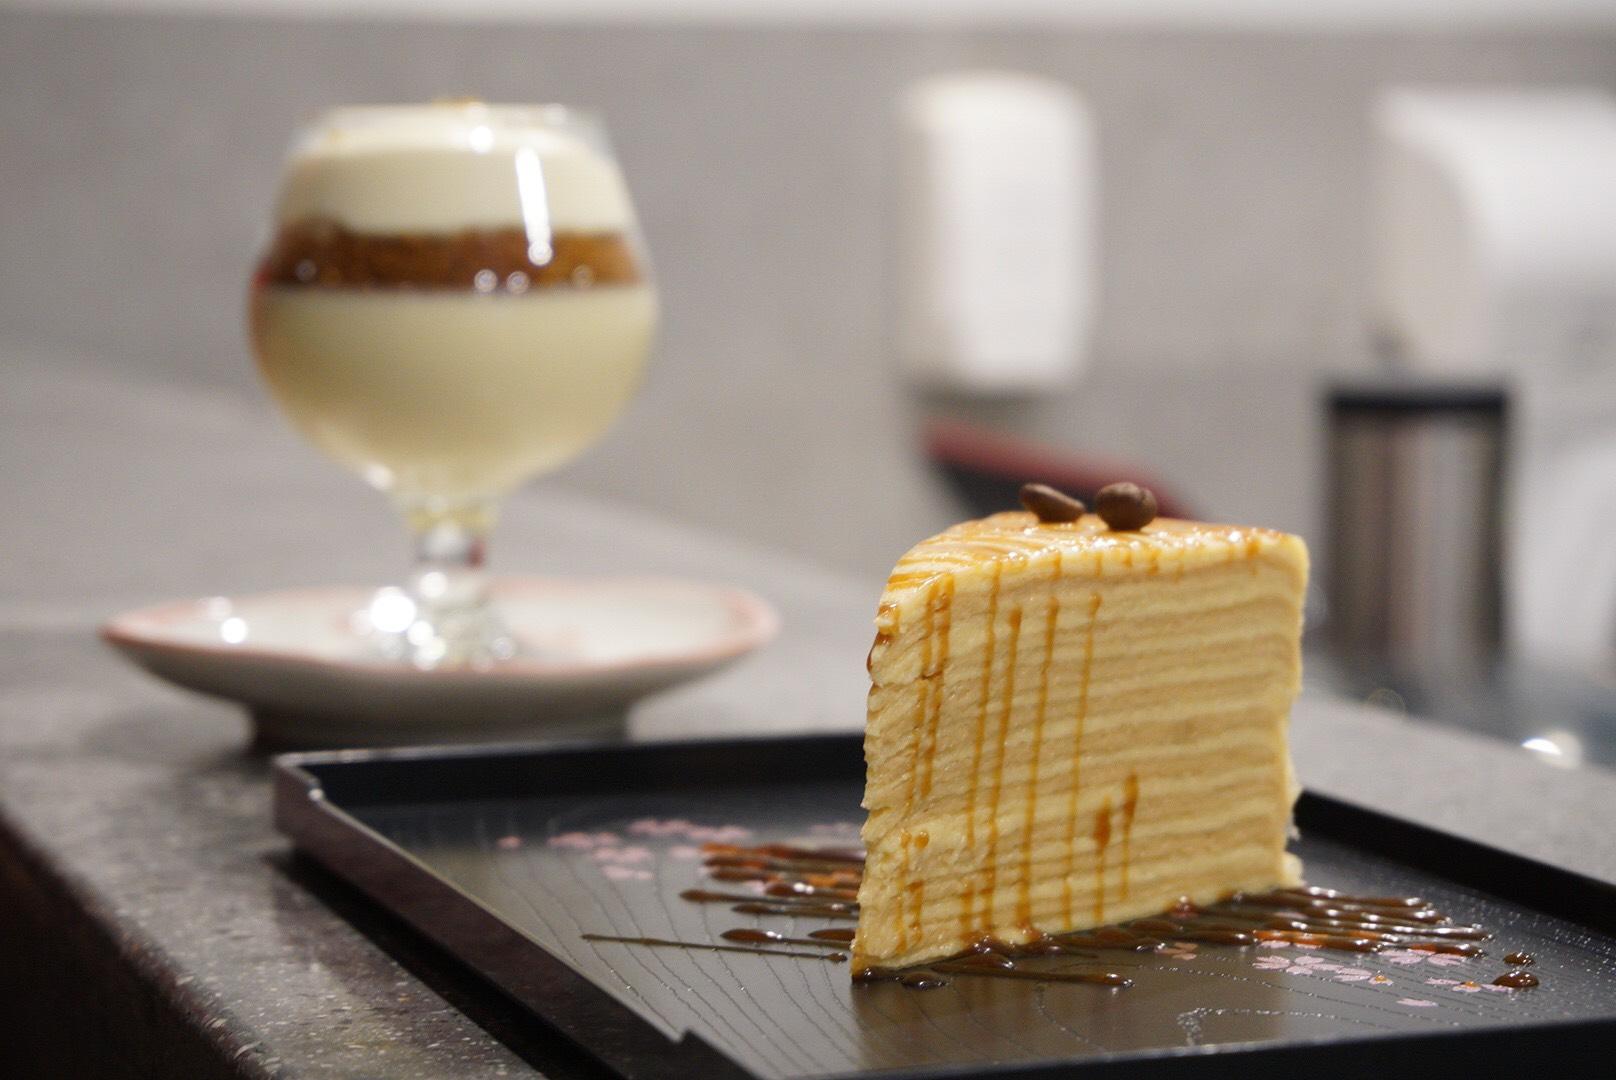 Pretty looking caramel macchiato crepe cake